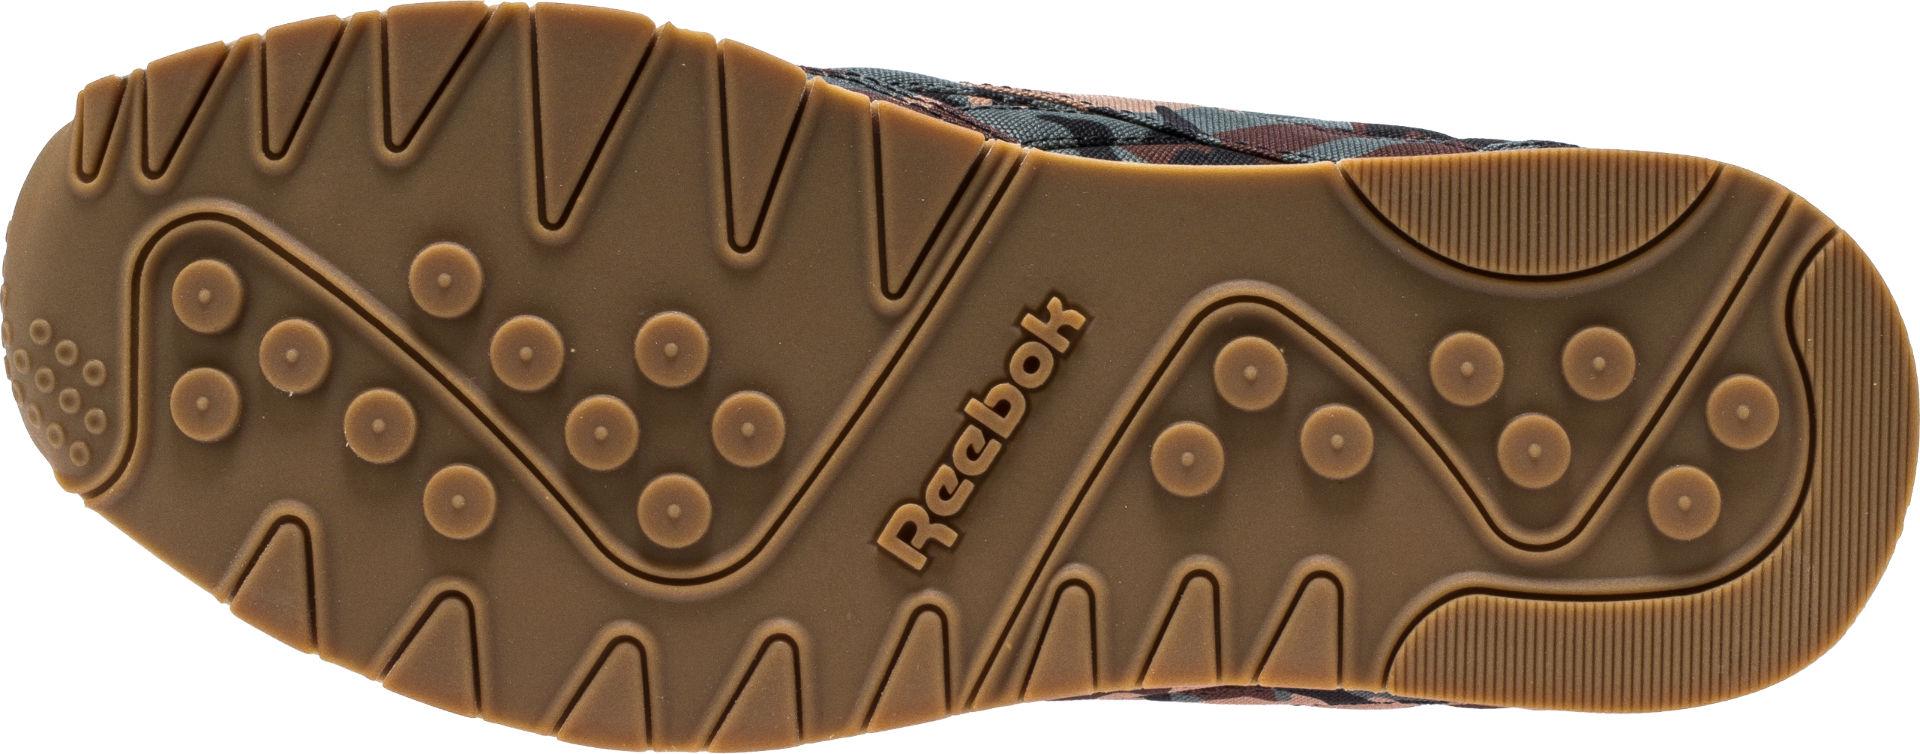 f3c0594d52da4 Shoe Palace X Reebok G.I. Joe Camo Sneaks Launch 6 30 18 - HissTank.com